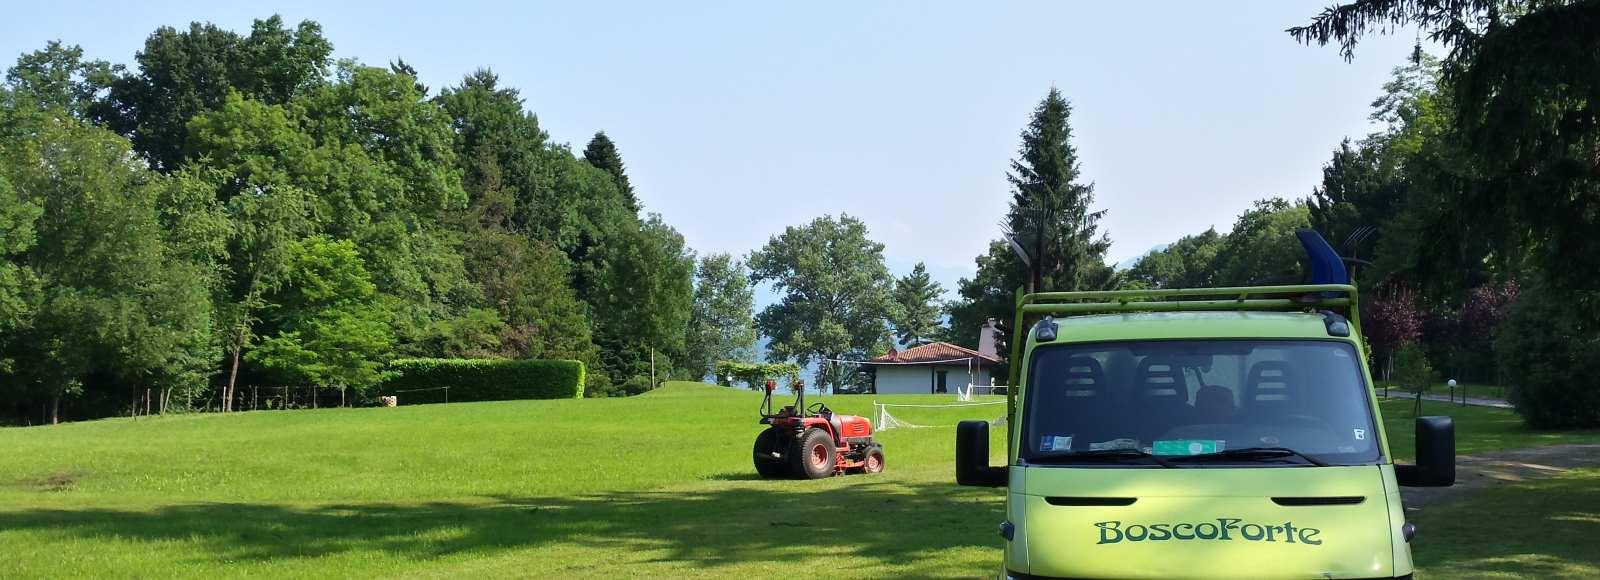 Manutenzione Giardini Milano E Provincia manutenzione del verde – boscoforte srl